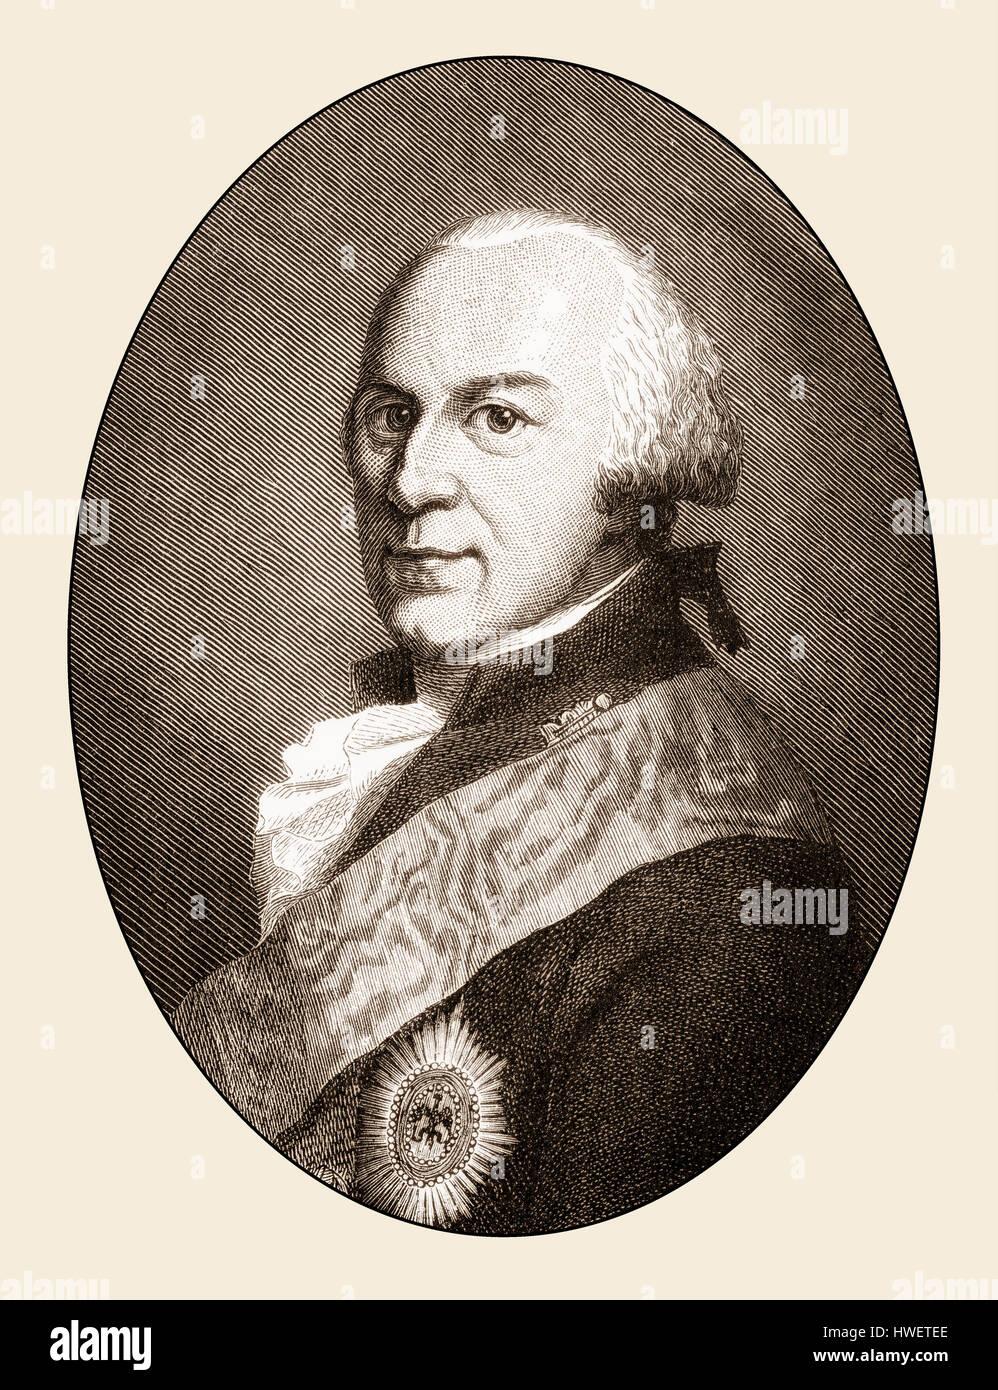 Charles William Ferdinand, Duke of Brunswick, 1735-1806 - Stock Image